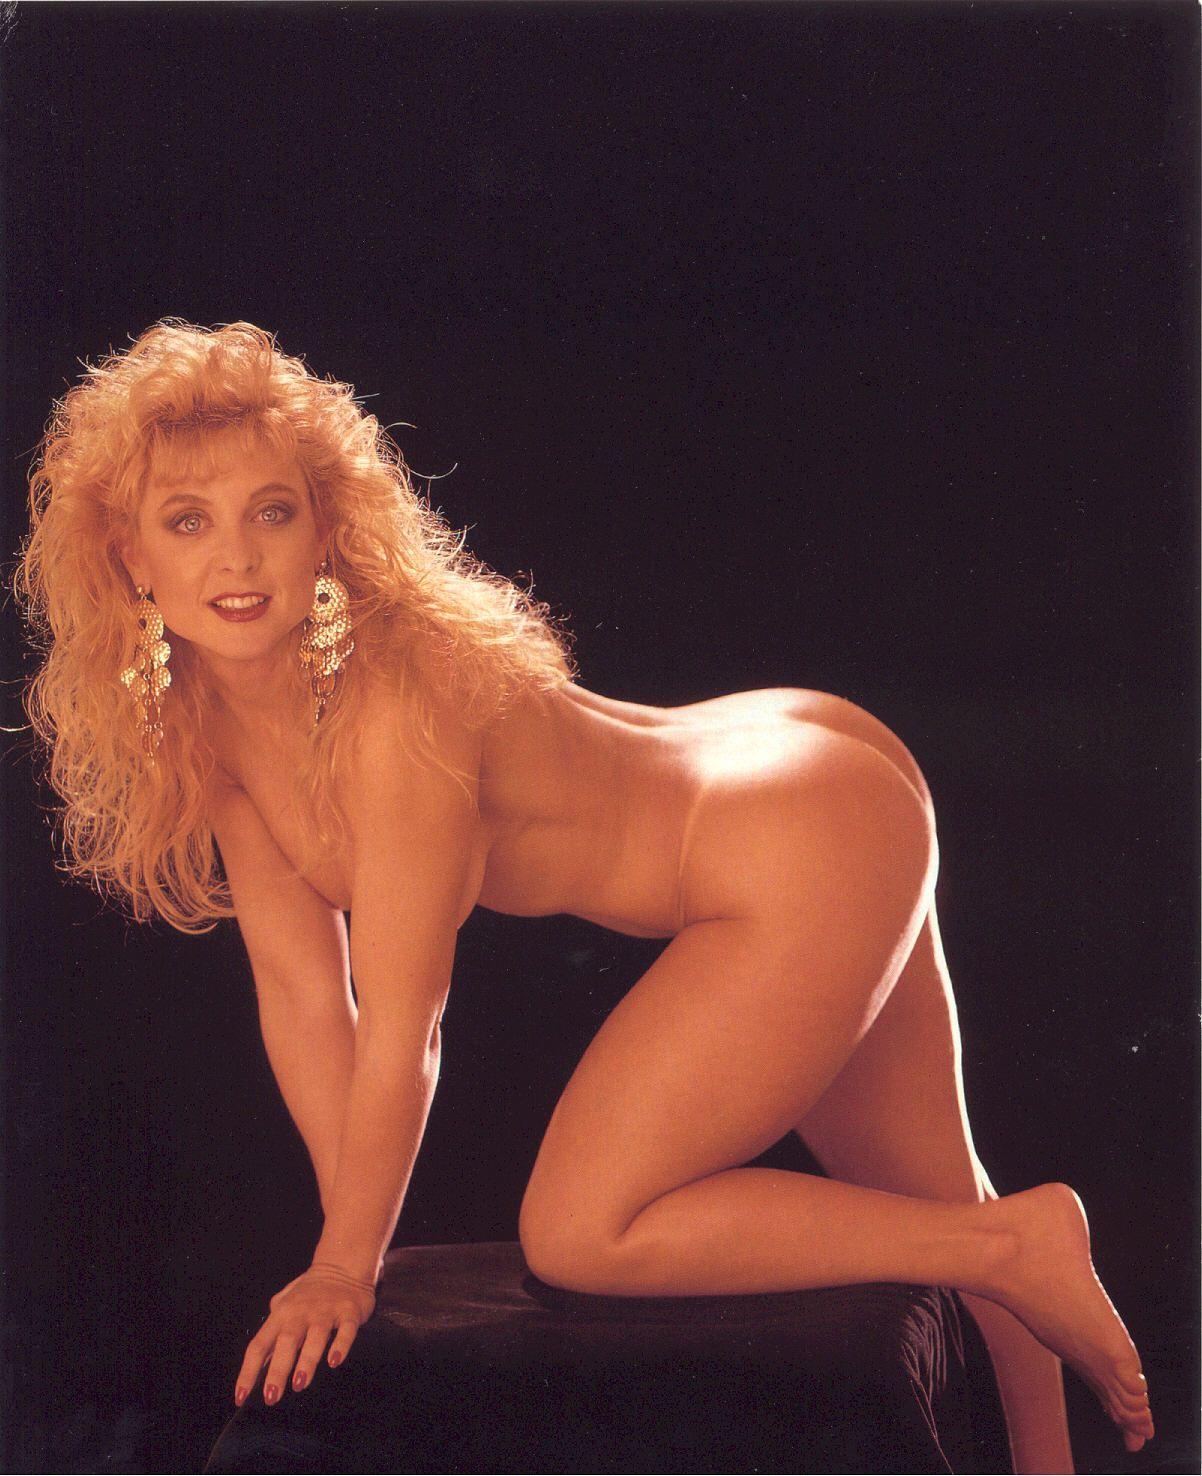 Nina hartley 80s porn are not